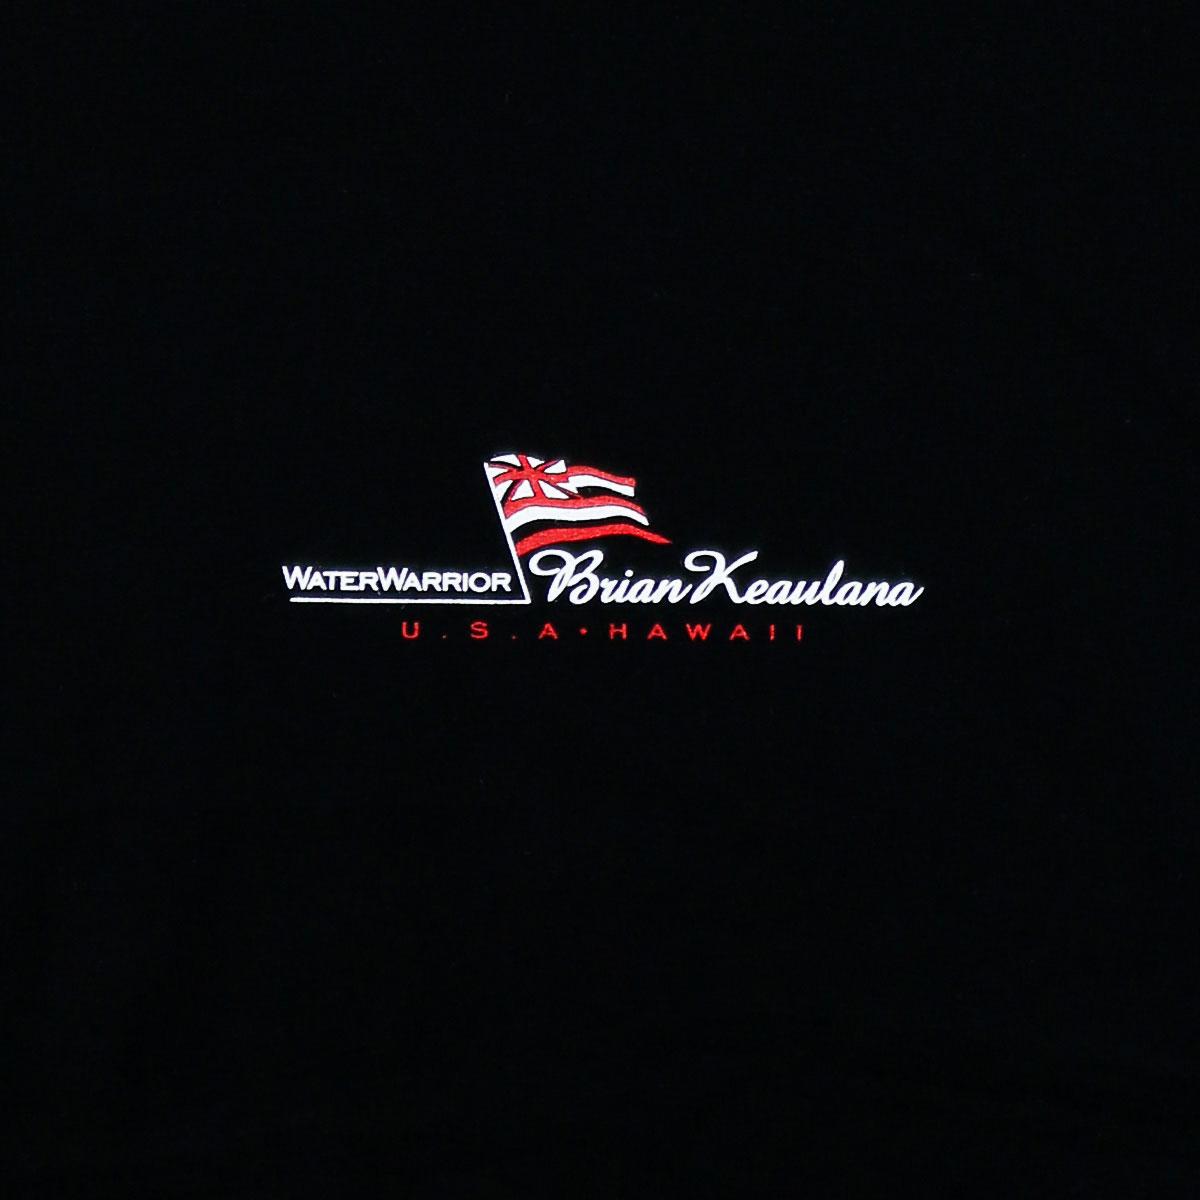 WATER WARRIOR FLAG T-SHIRT